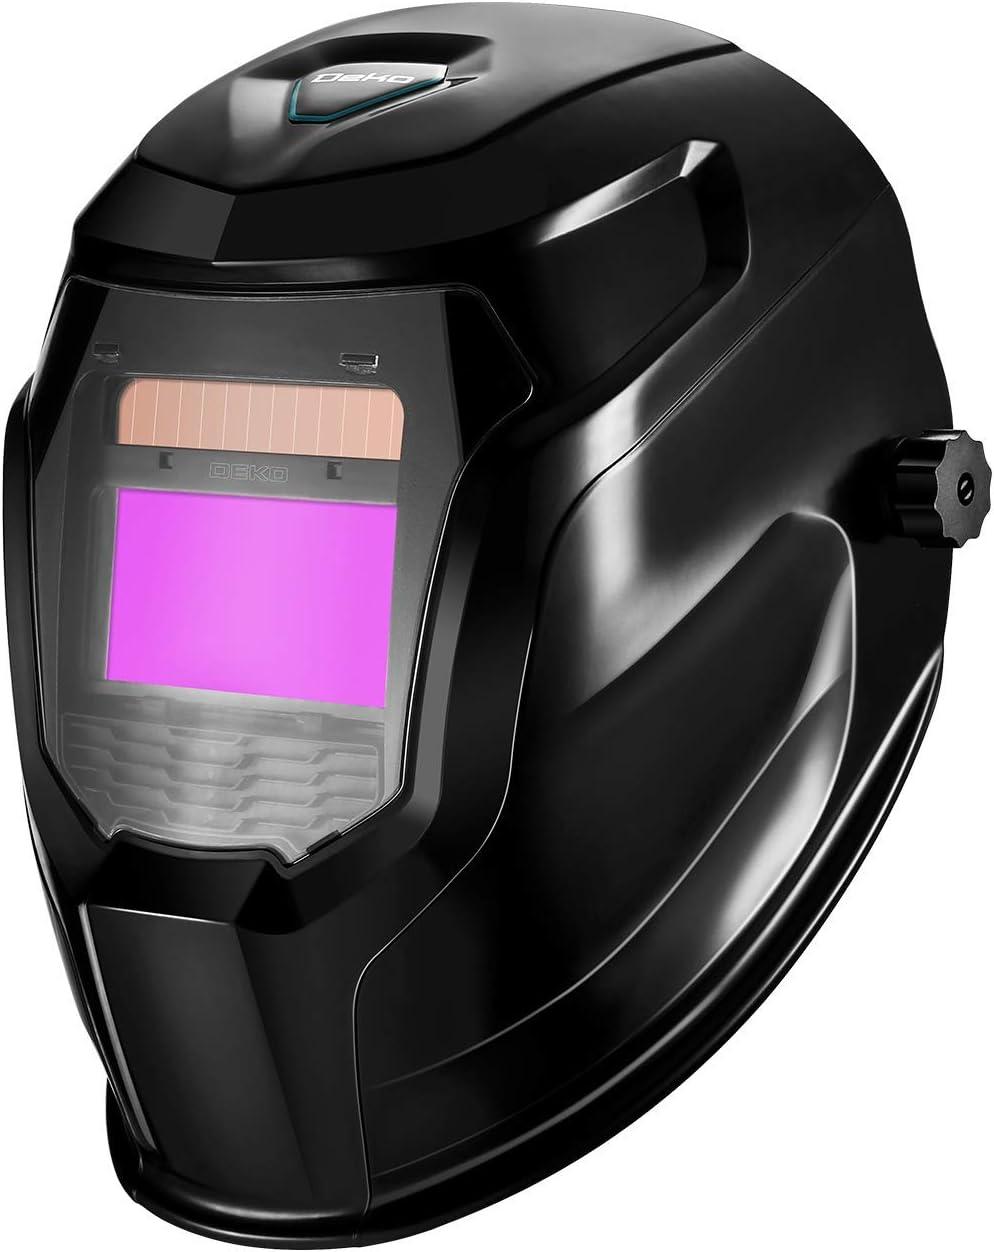 MMA Welding Machine/&Bright Black Welding Helmet